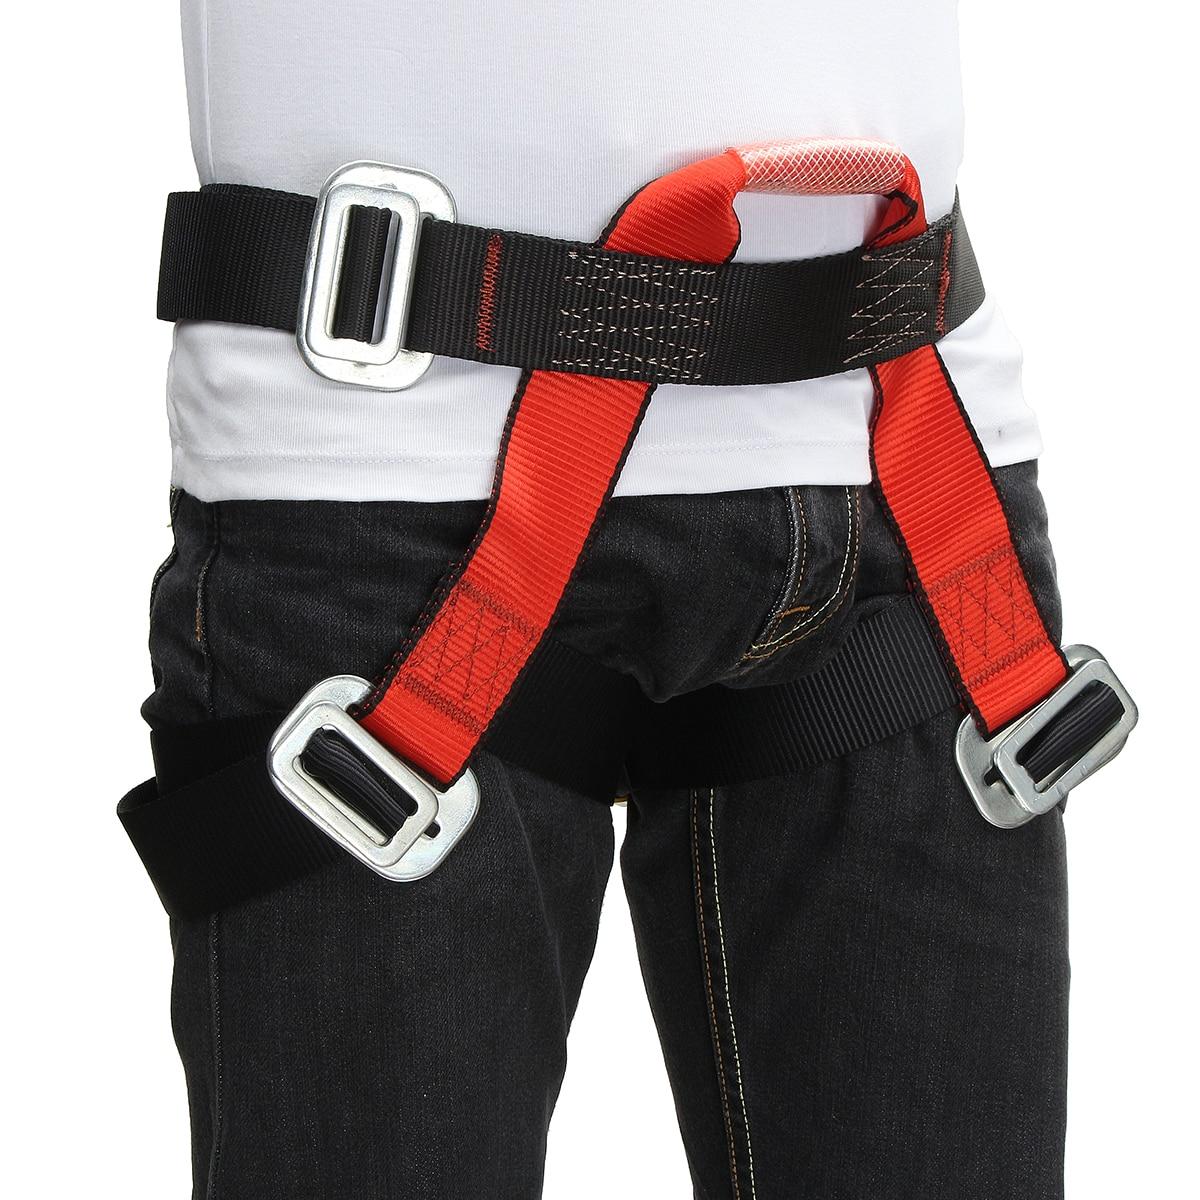 Sicherheitsgurt Sicherheit & Schutz Preiswert Kaufen Outdoor Klettern Abseilen Bergsteigen Zubehör Körper Sicherheit Harness Tragen Sitz Gürtel Sitzen Fehlschlag Schutz